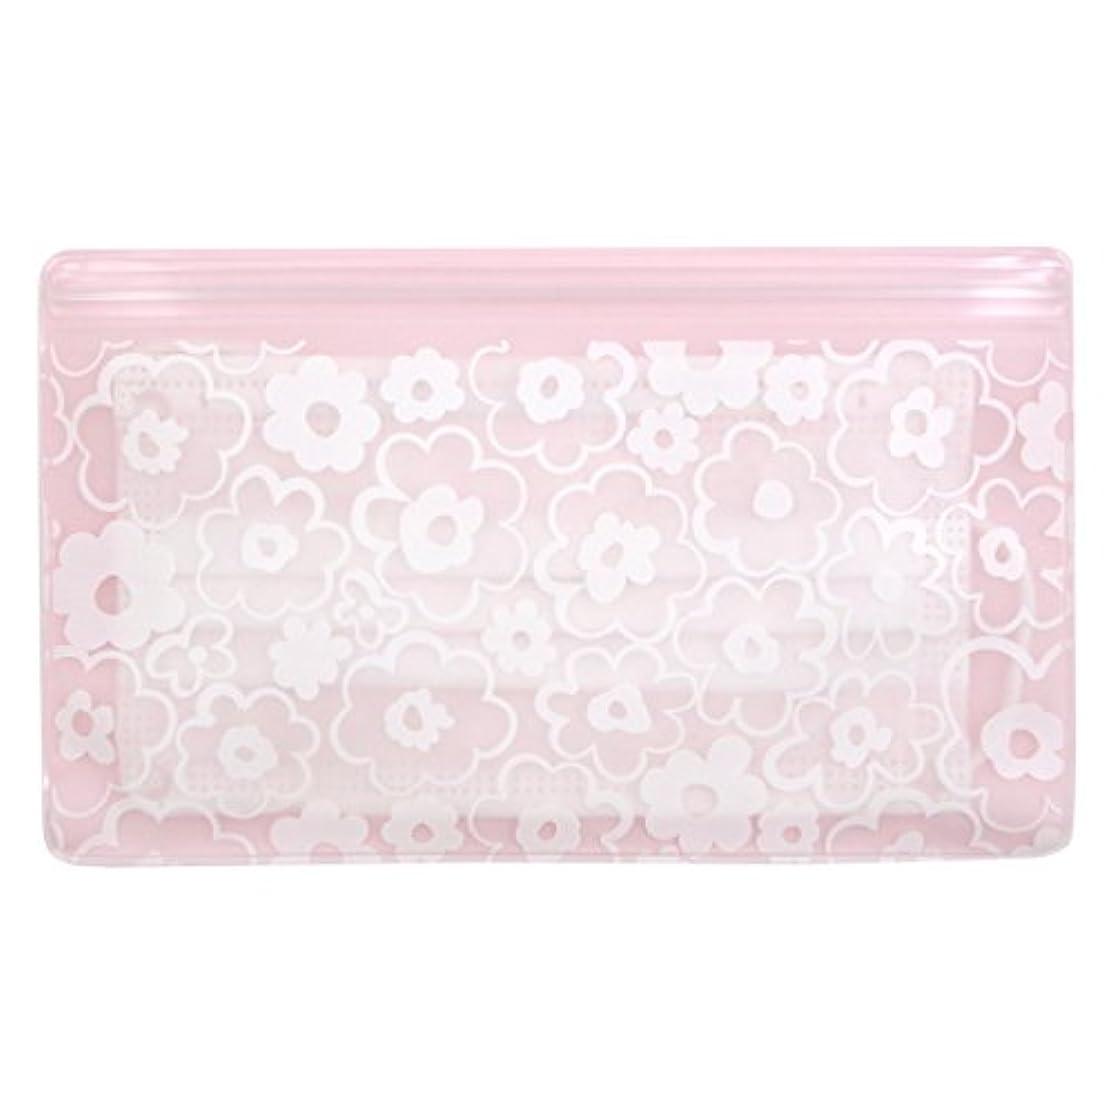 庭園長老リングバック抗菌マスクケース Wポケット 花柄ピンク いやあらっくす